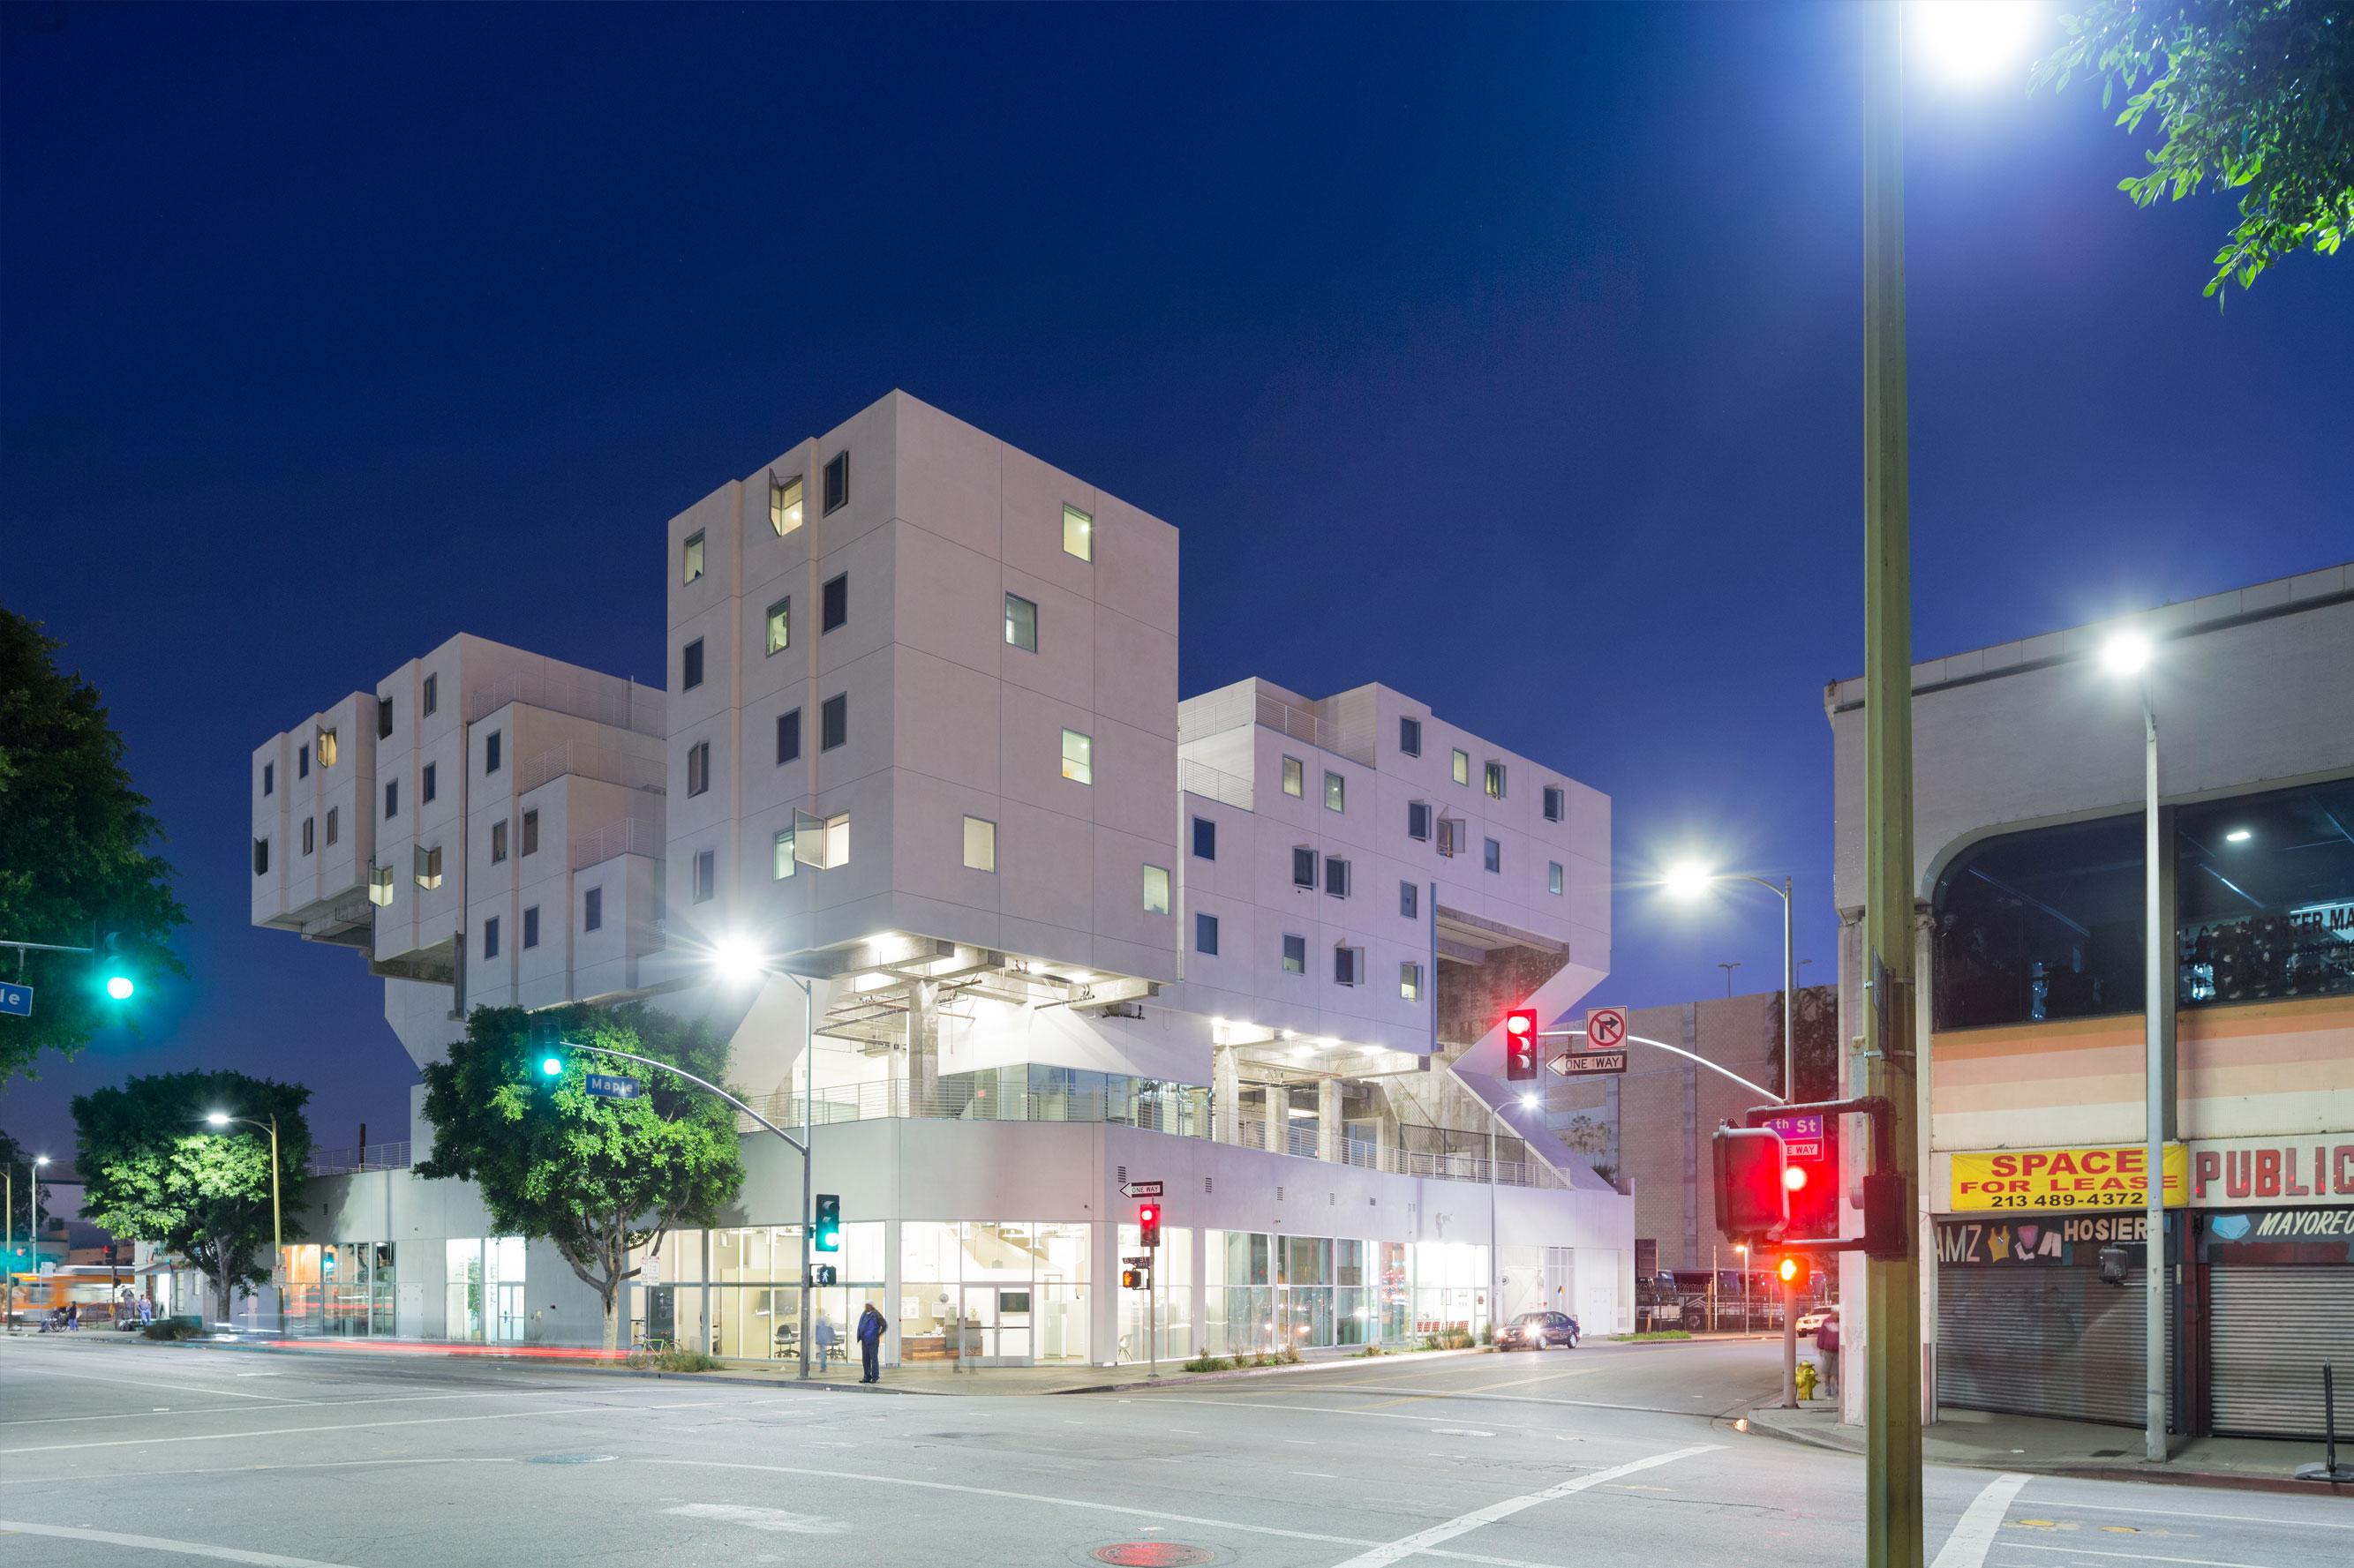 & Star Apartments   Michael Maltzan Architecture azcodes.com